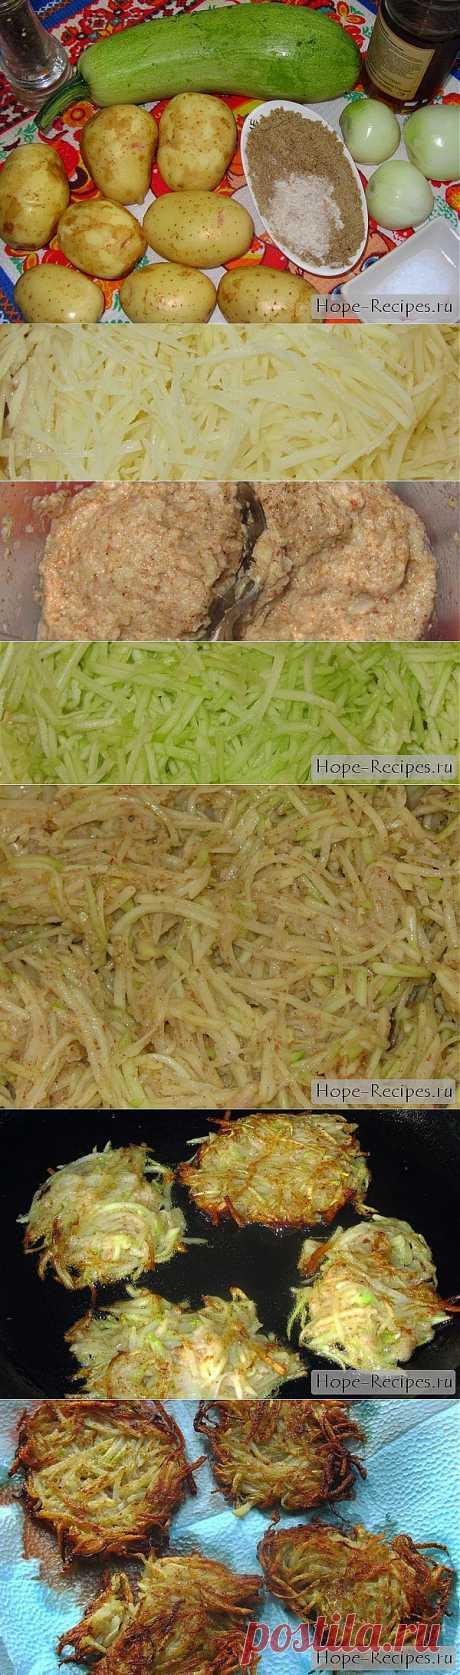 Драники из кабачков © Кулинарный блог #Рецепты Надежды